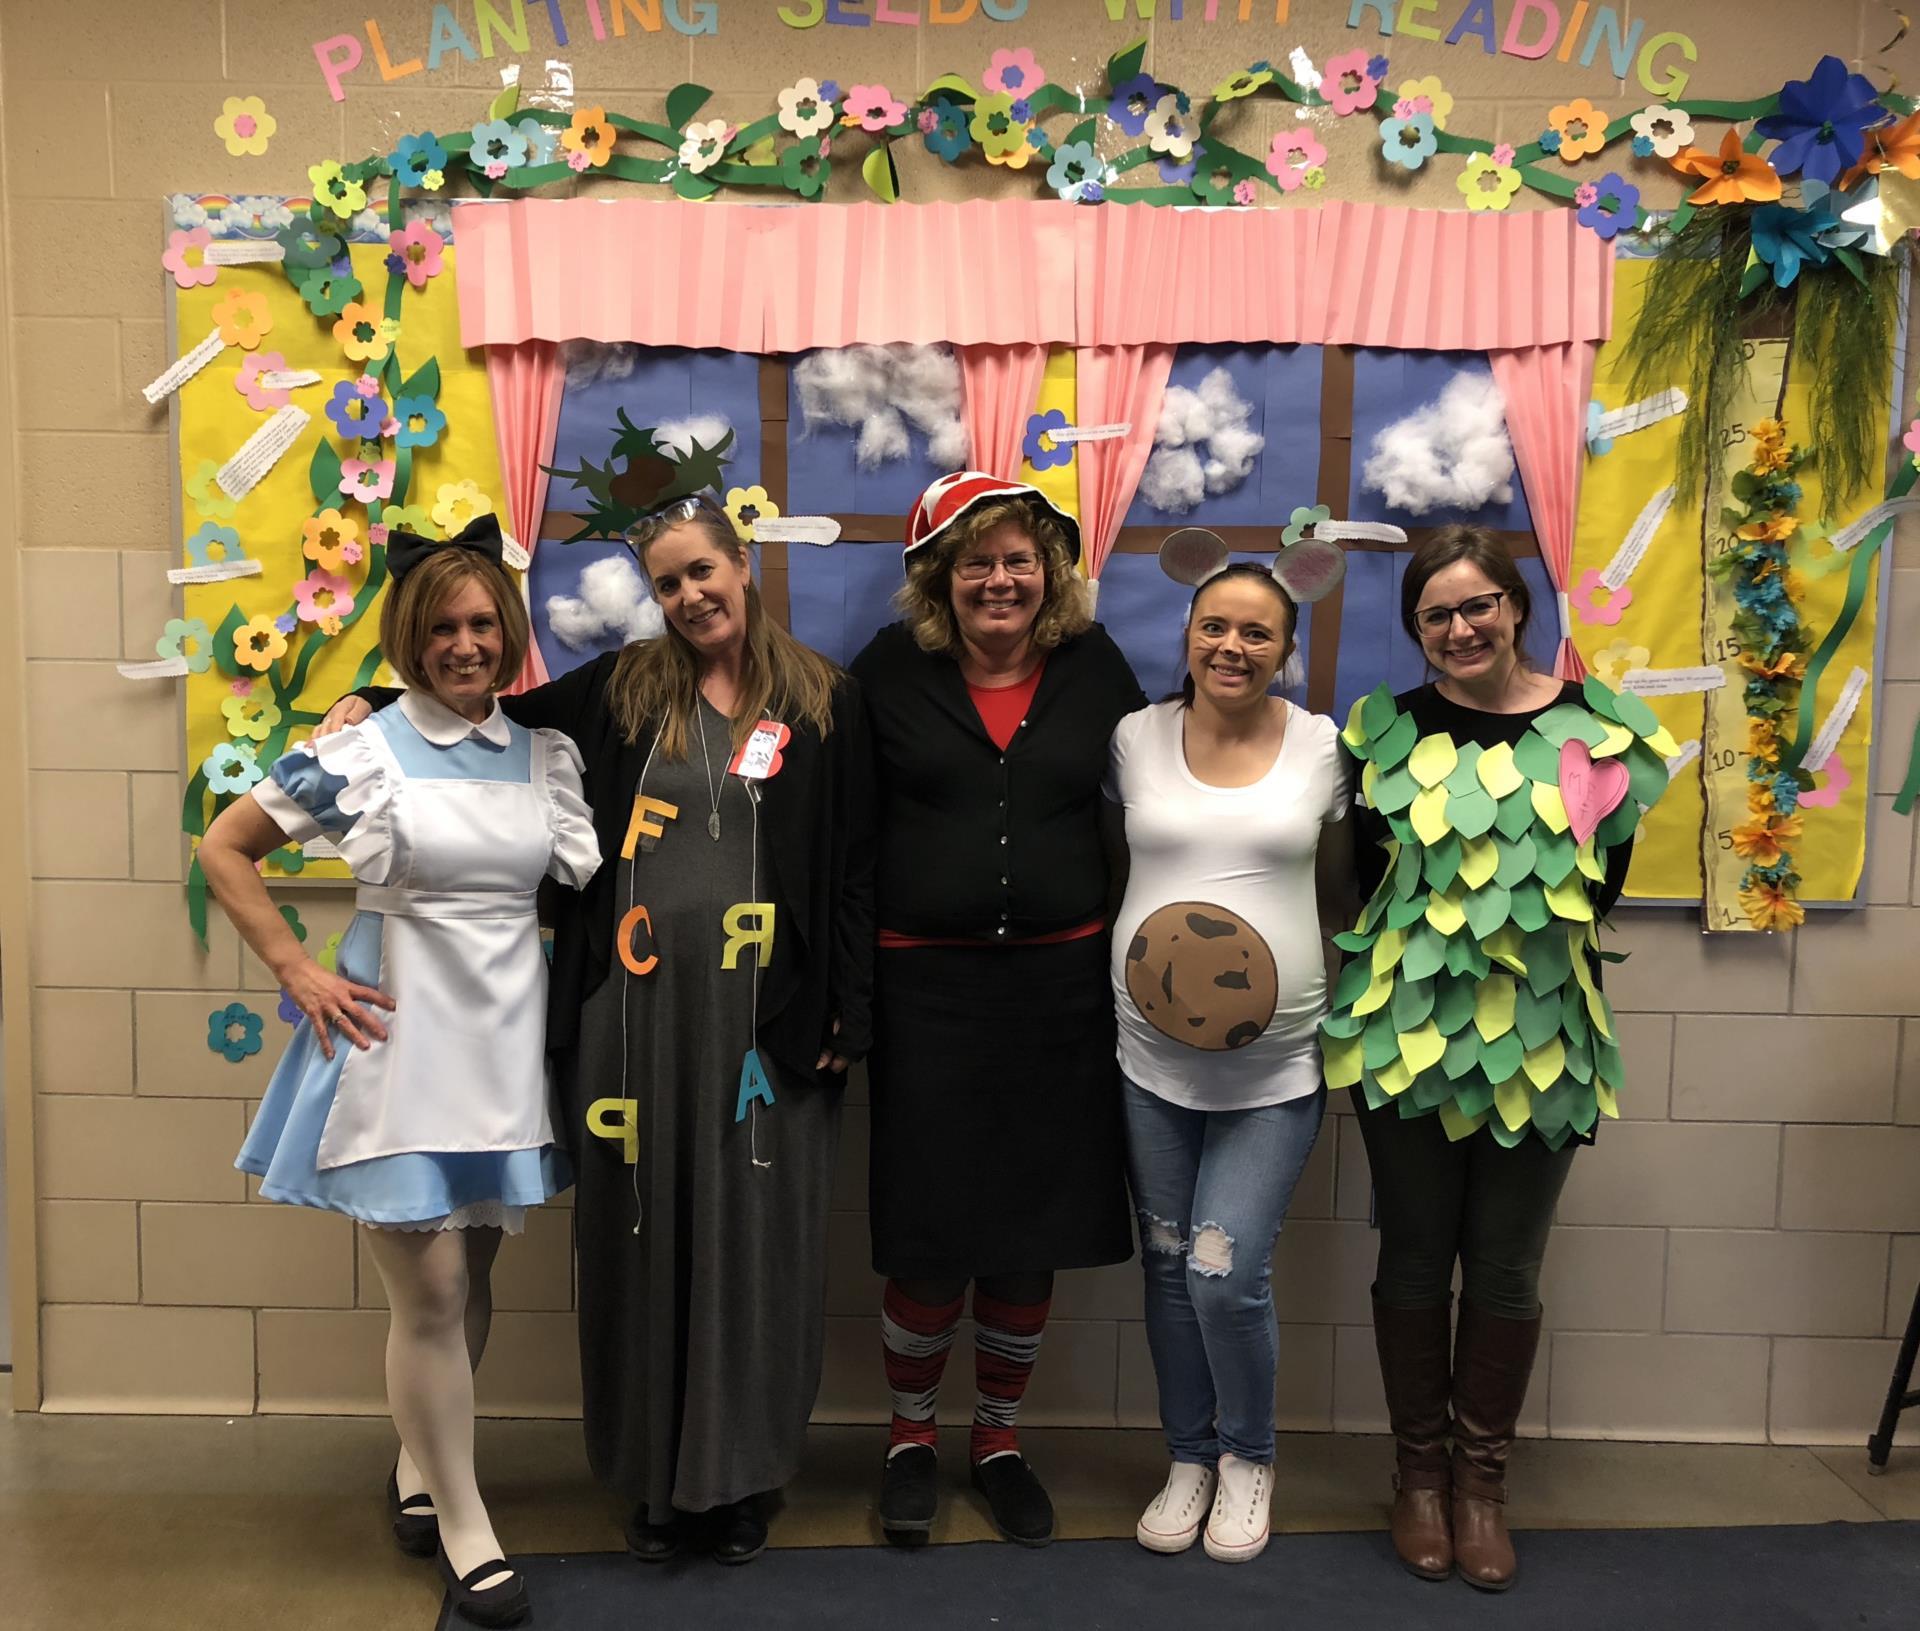 staff in costume